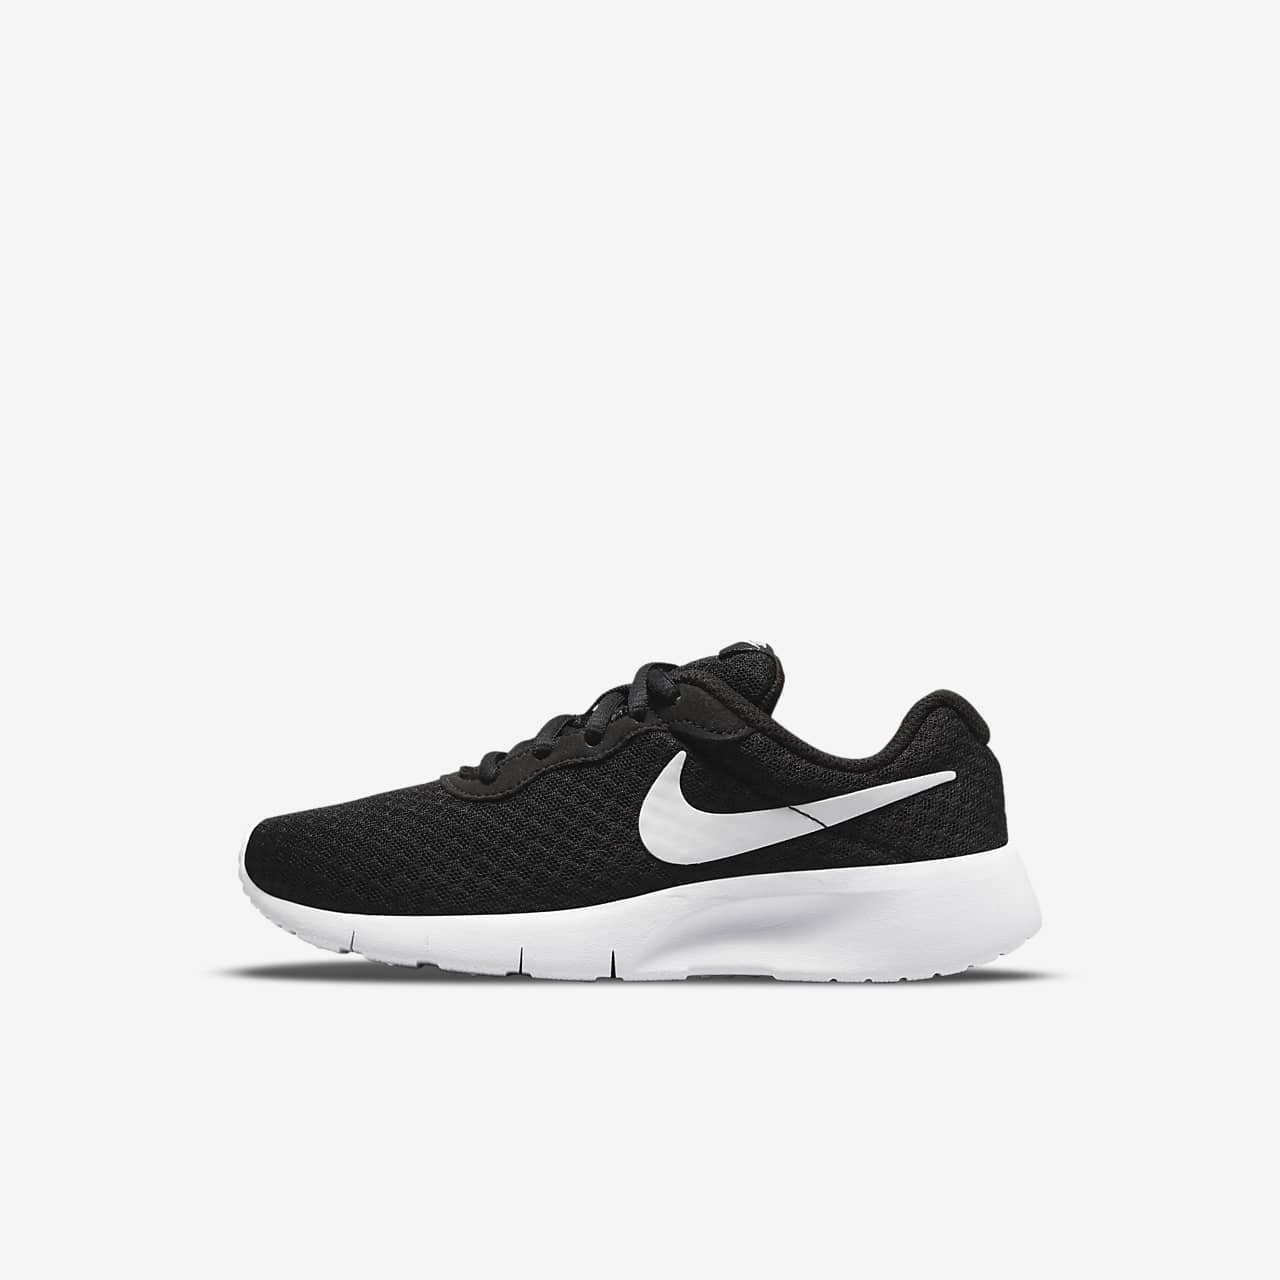 Nike Blazers Düşük Erkekler Popüler Ayakkabı Siyah Beyaz Nefes